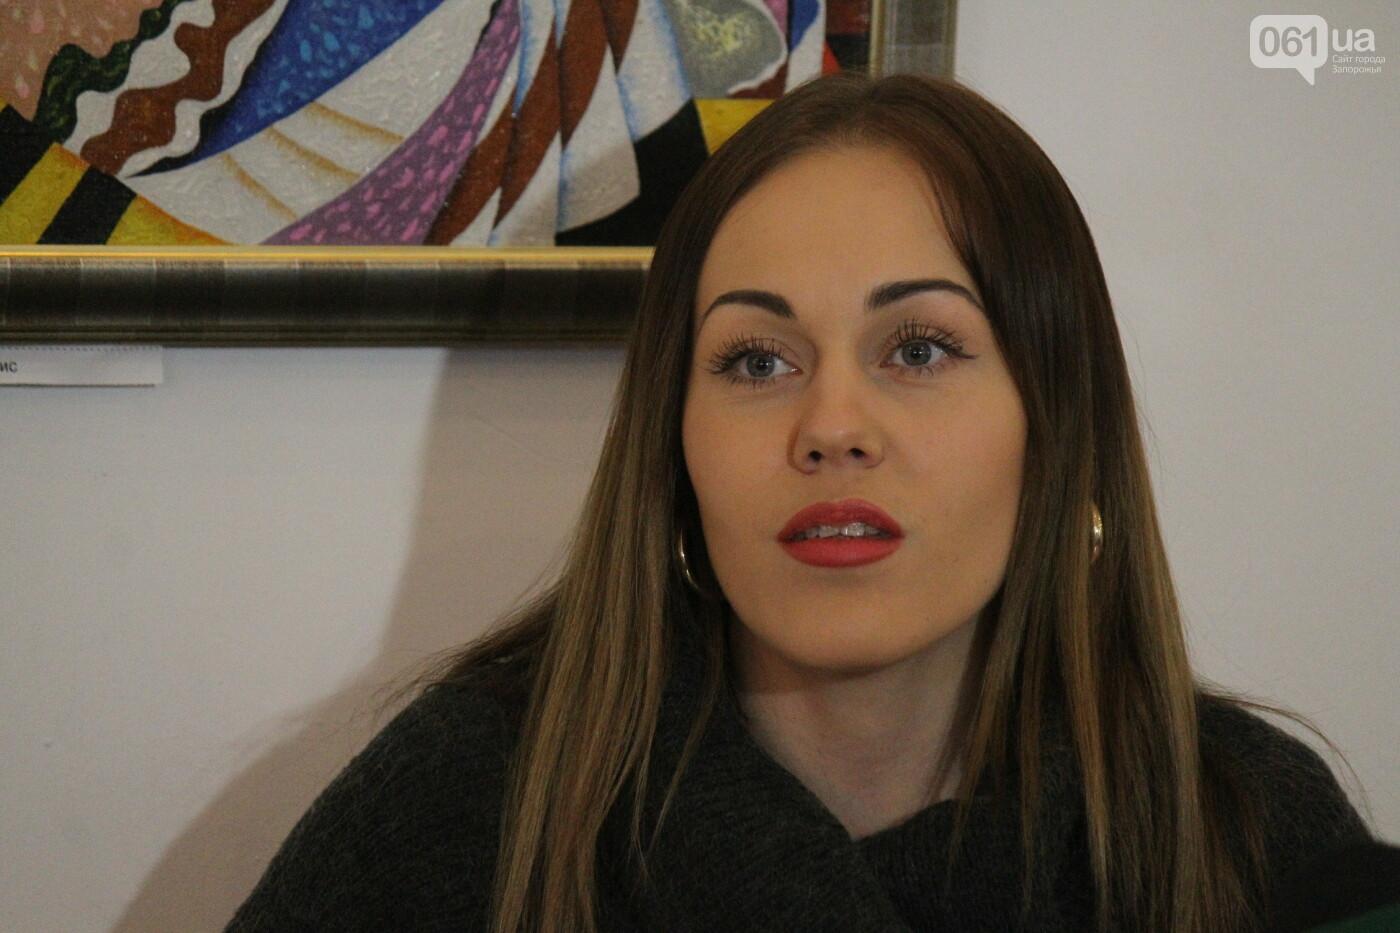 Перед концертом в родном Запорожье певица Alyosha провела автограф-сессию, – ФОТОРЕПОРТАЖ, фото-1